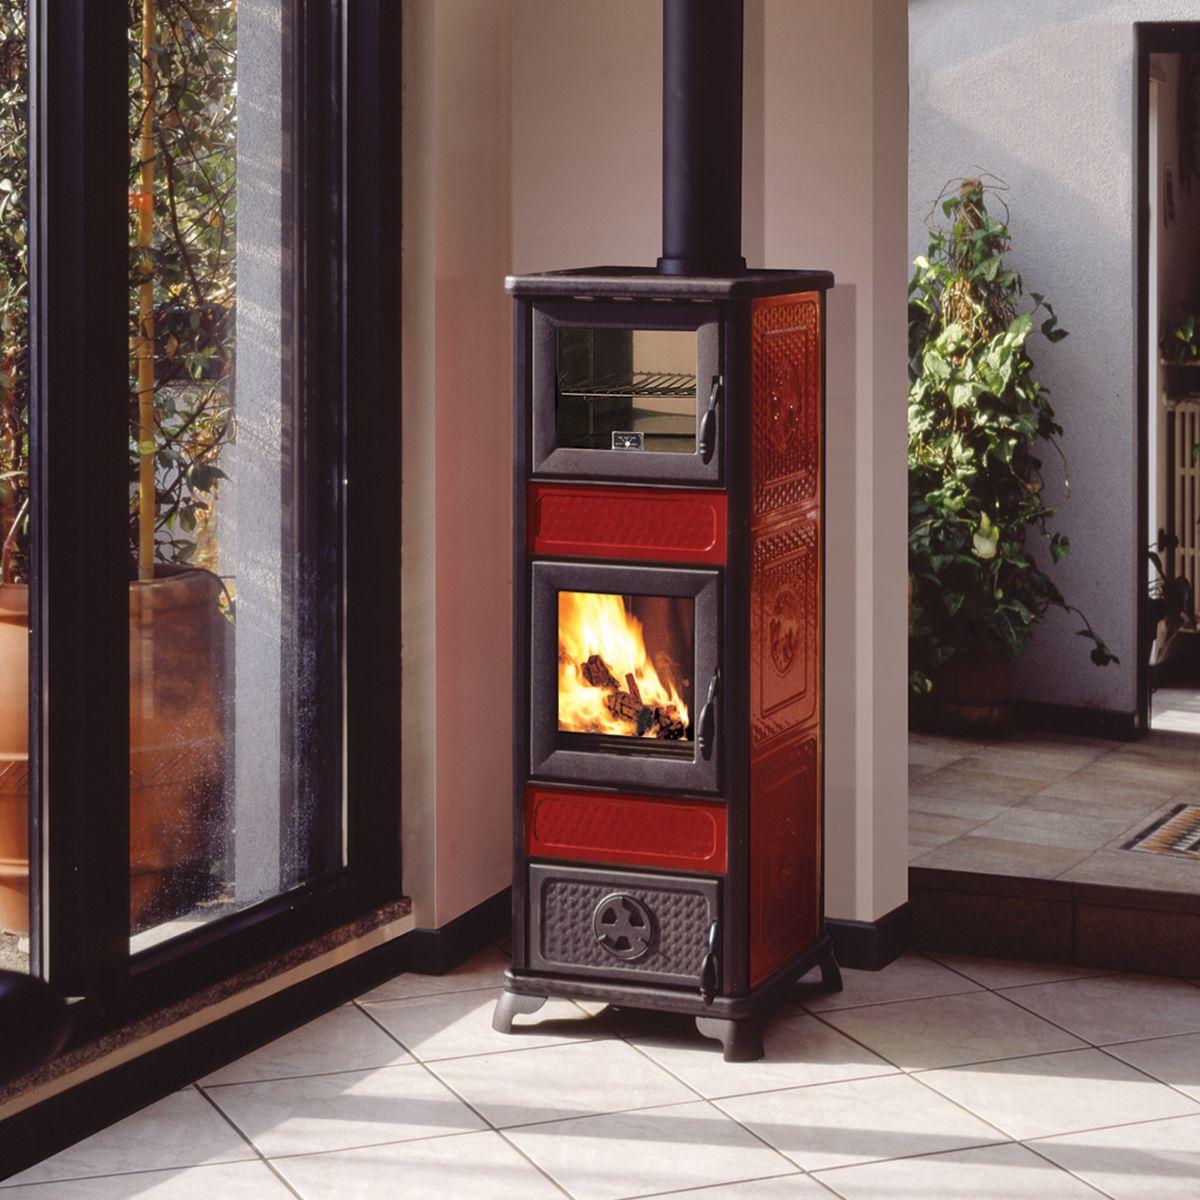 Stufe a pellet per termosifoni prezzi great termostufa compatta modello emma di ariel energia - Stufe a pellet termosifoni ...